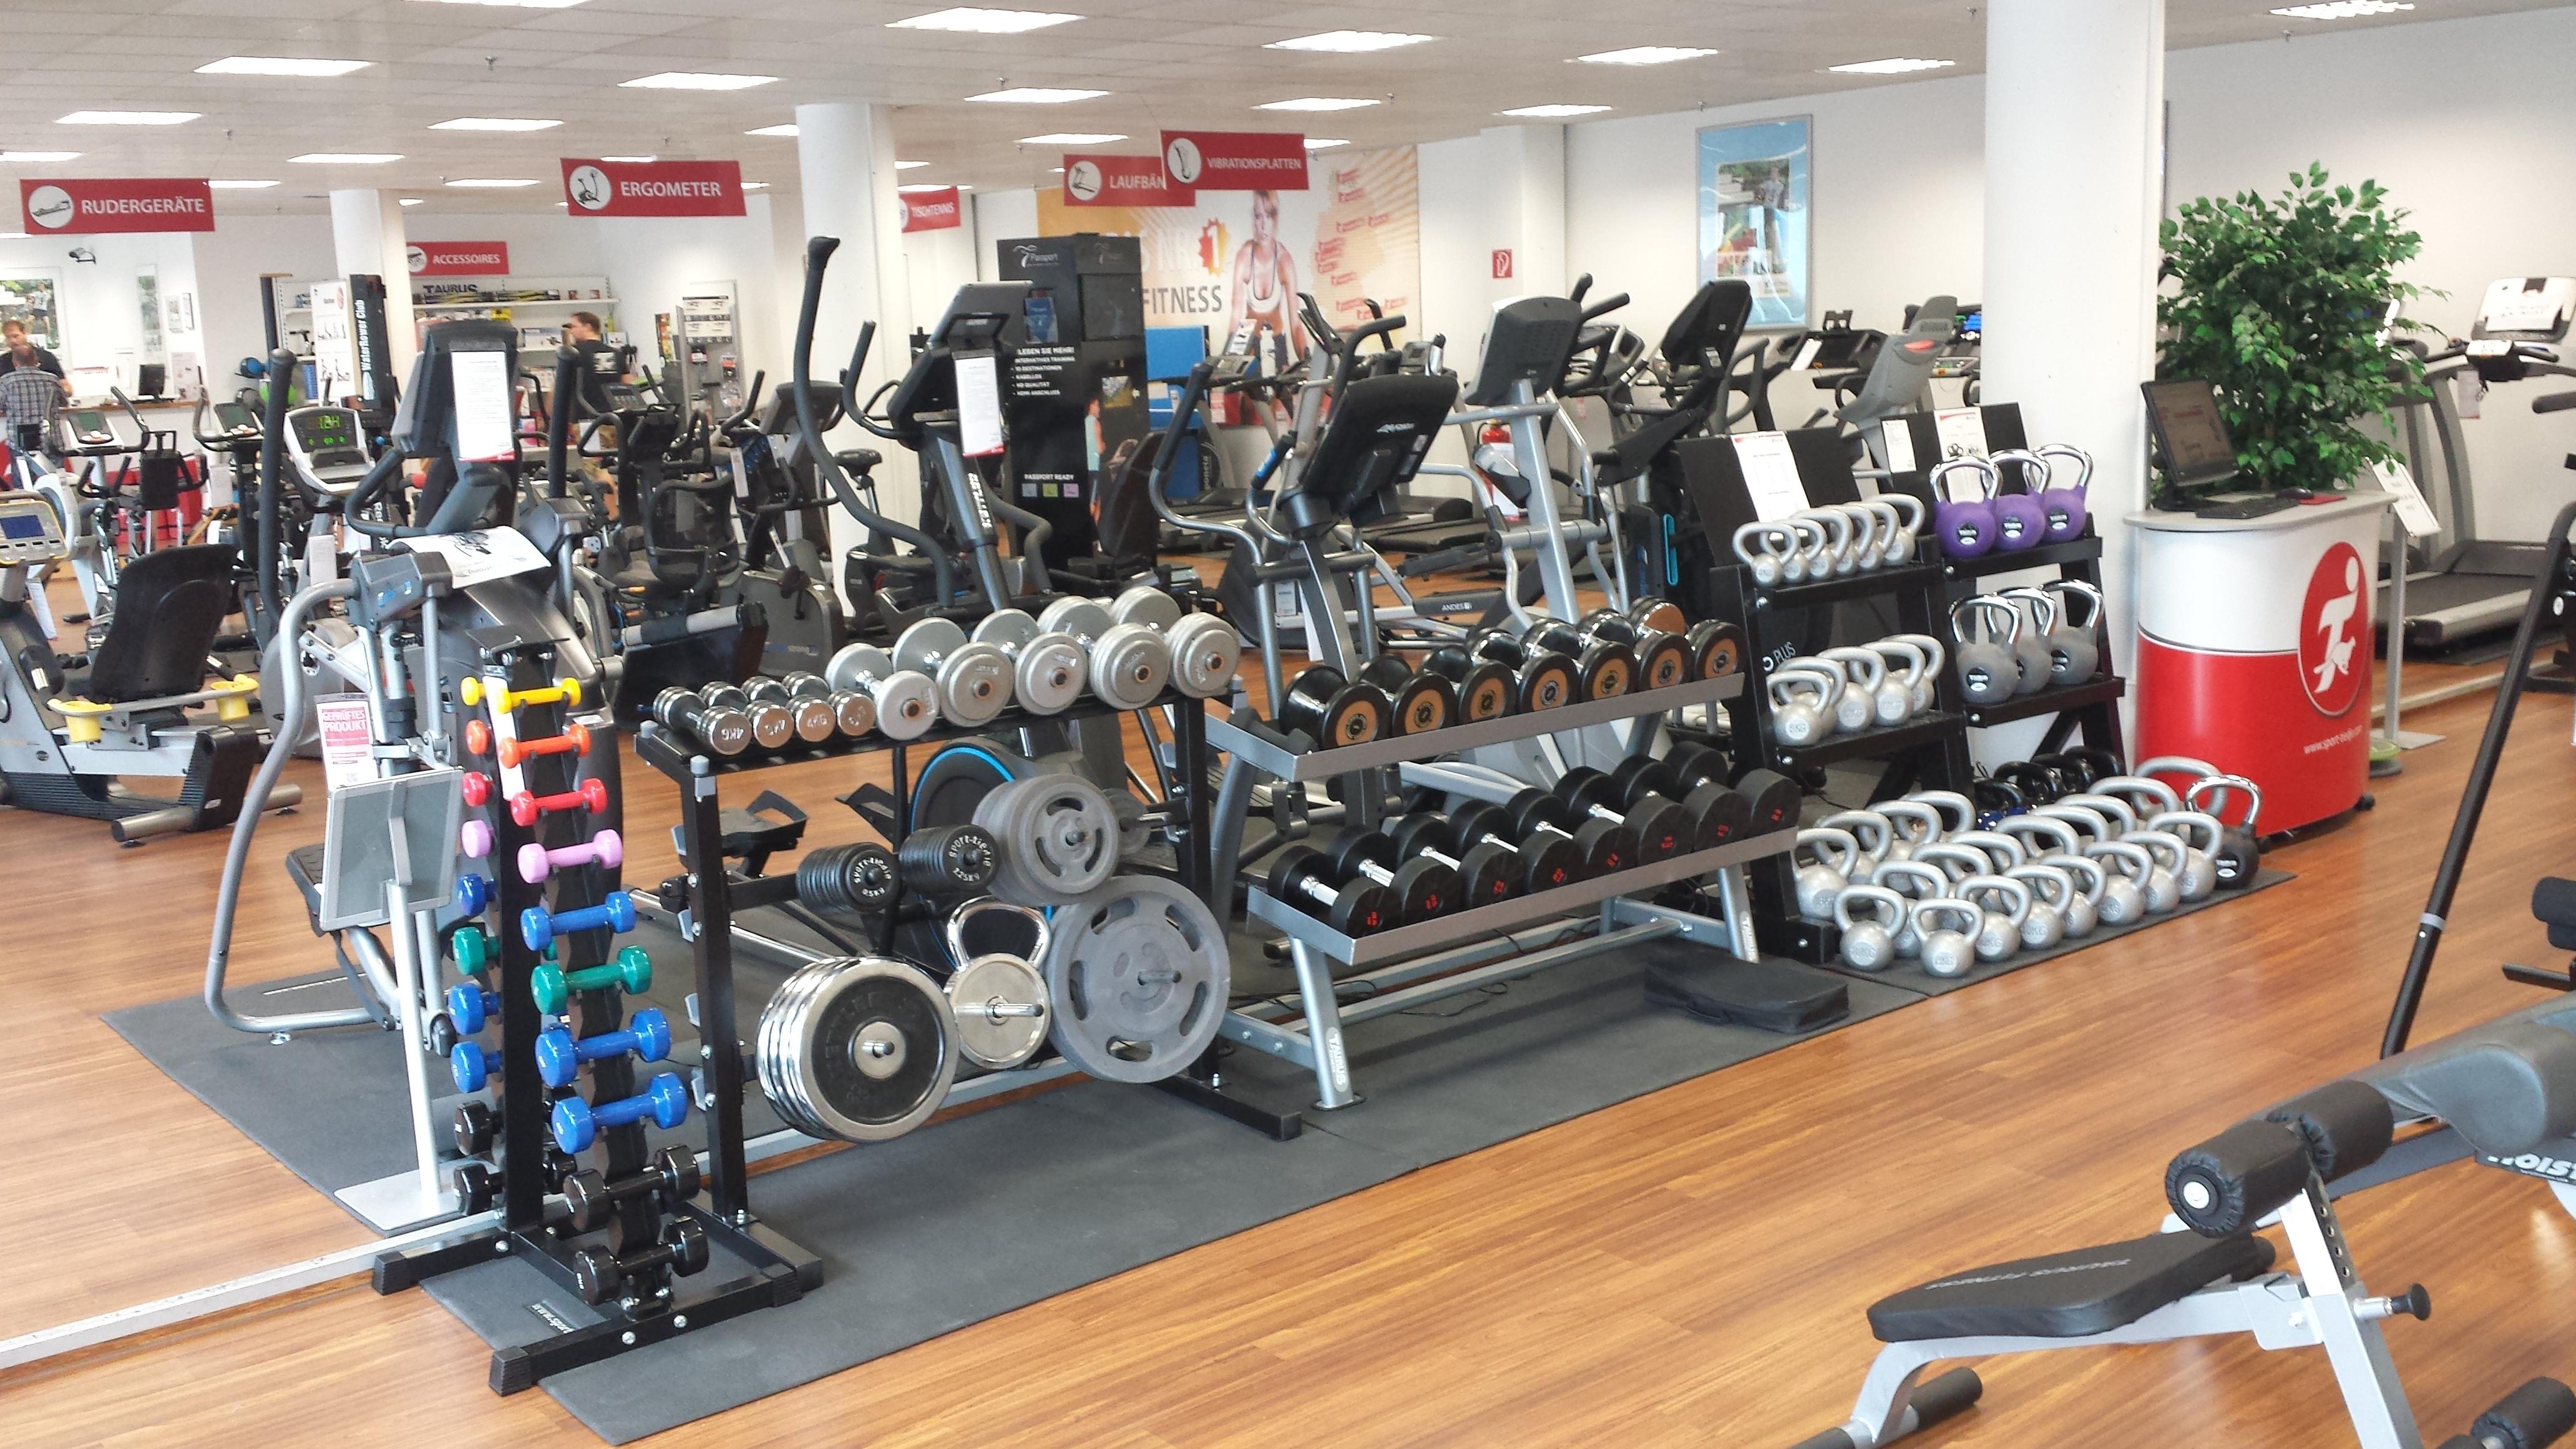 Das Gym Wien